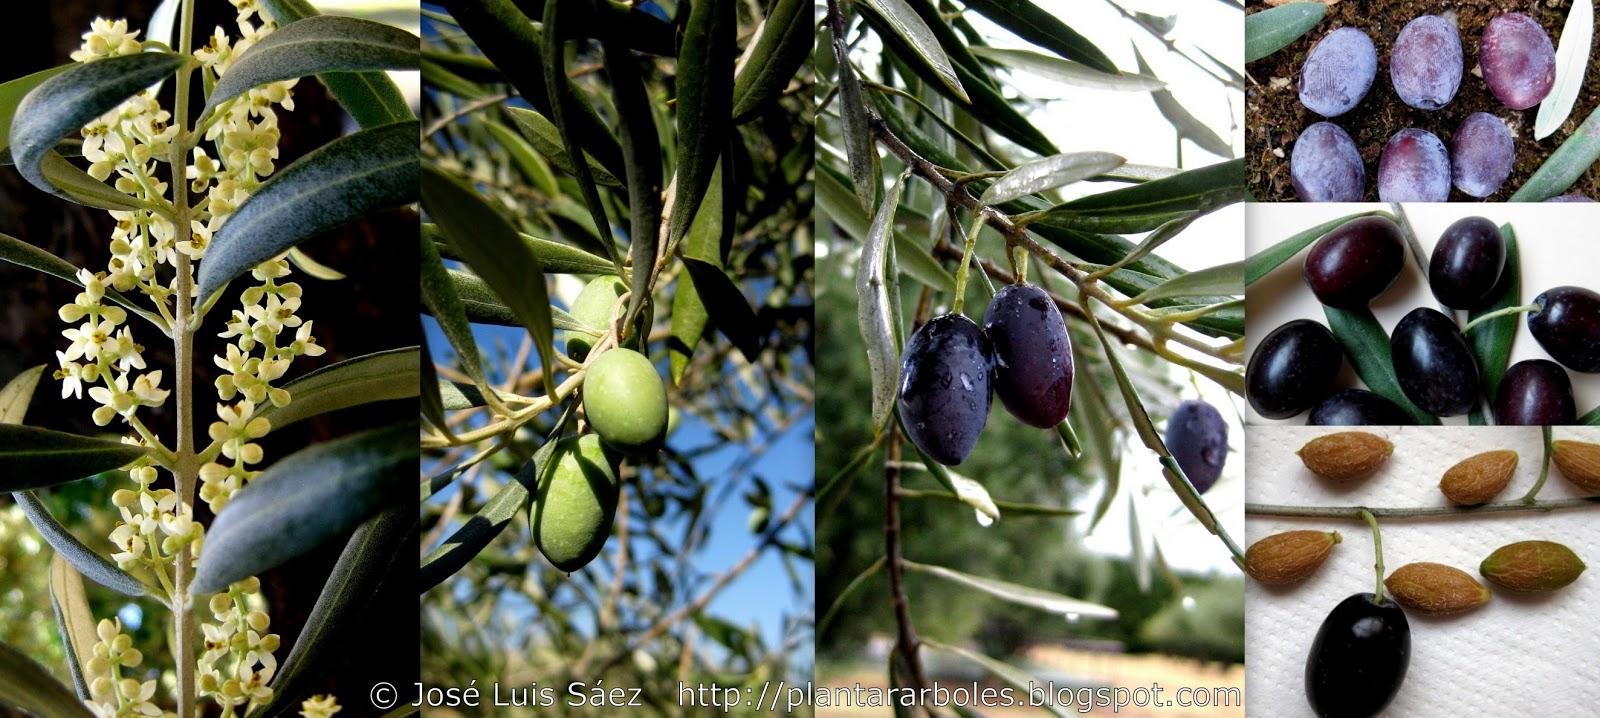 Plantar rboles y arbustos rboles y arbustos for Frutas ornamentales